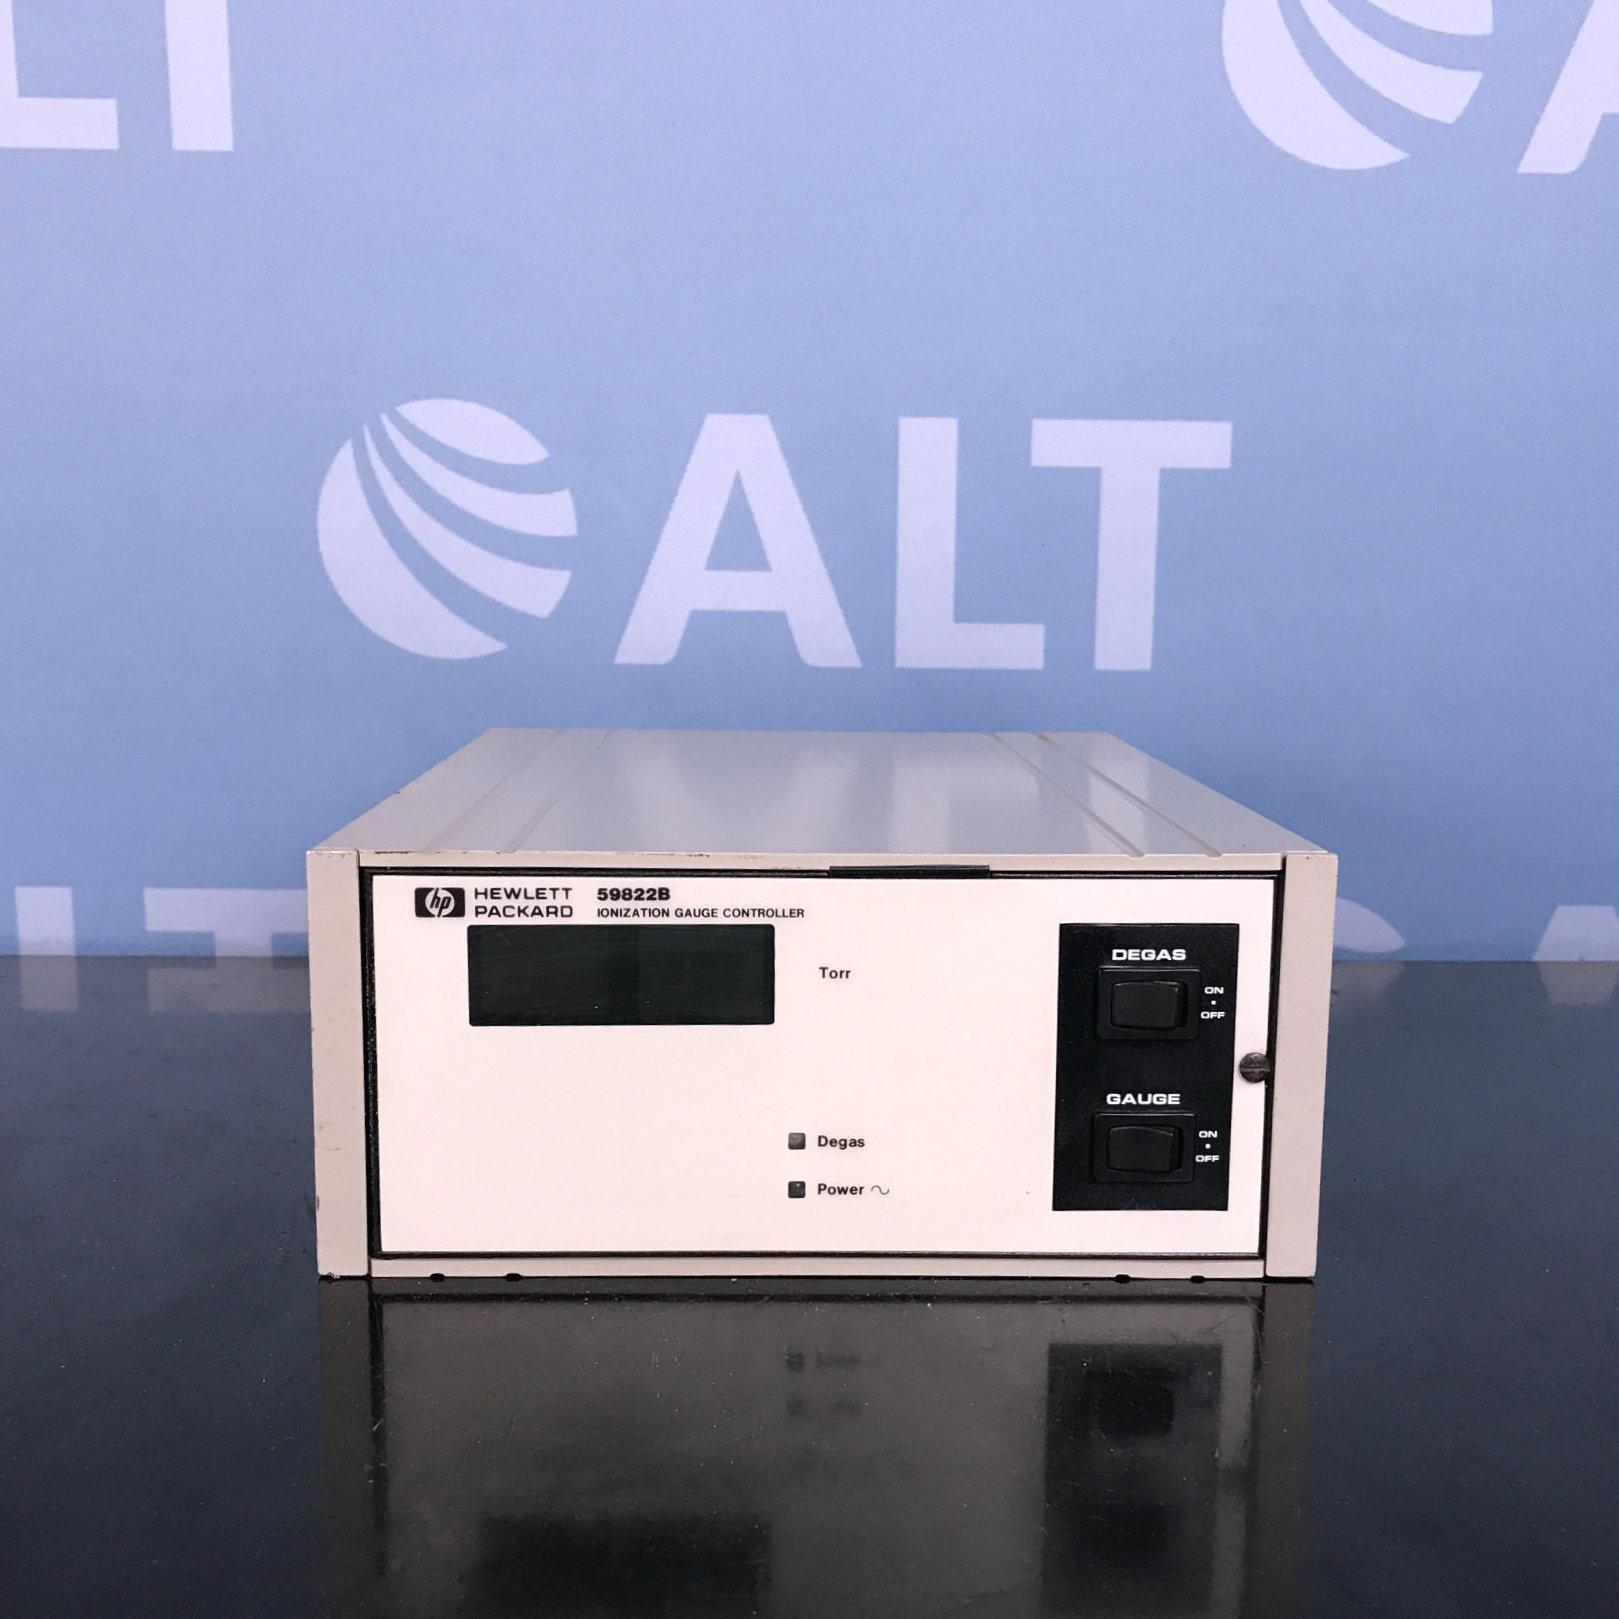 Hewlett Packard HP 59822B Ionization Gauge Controller Image